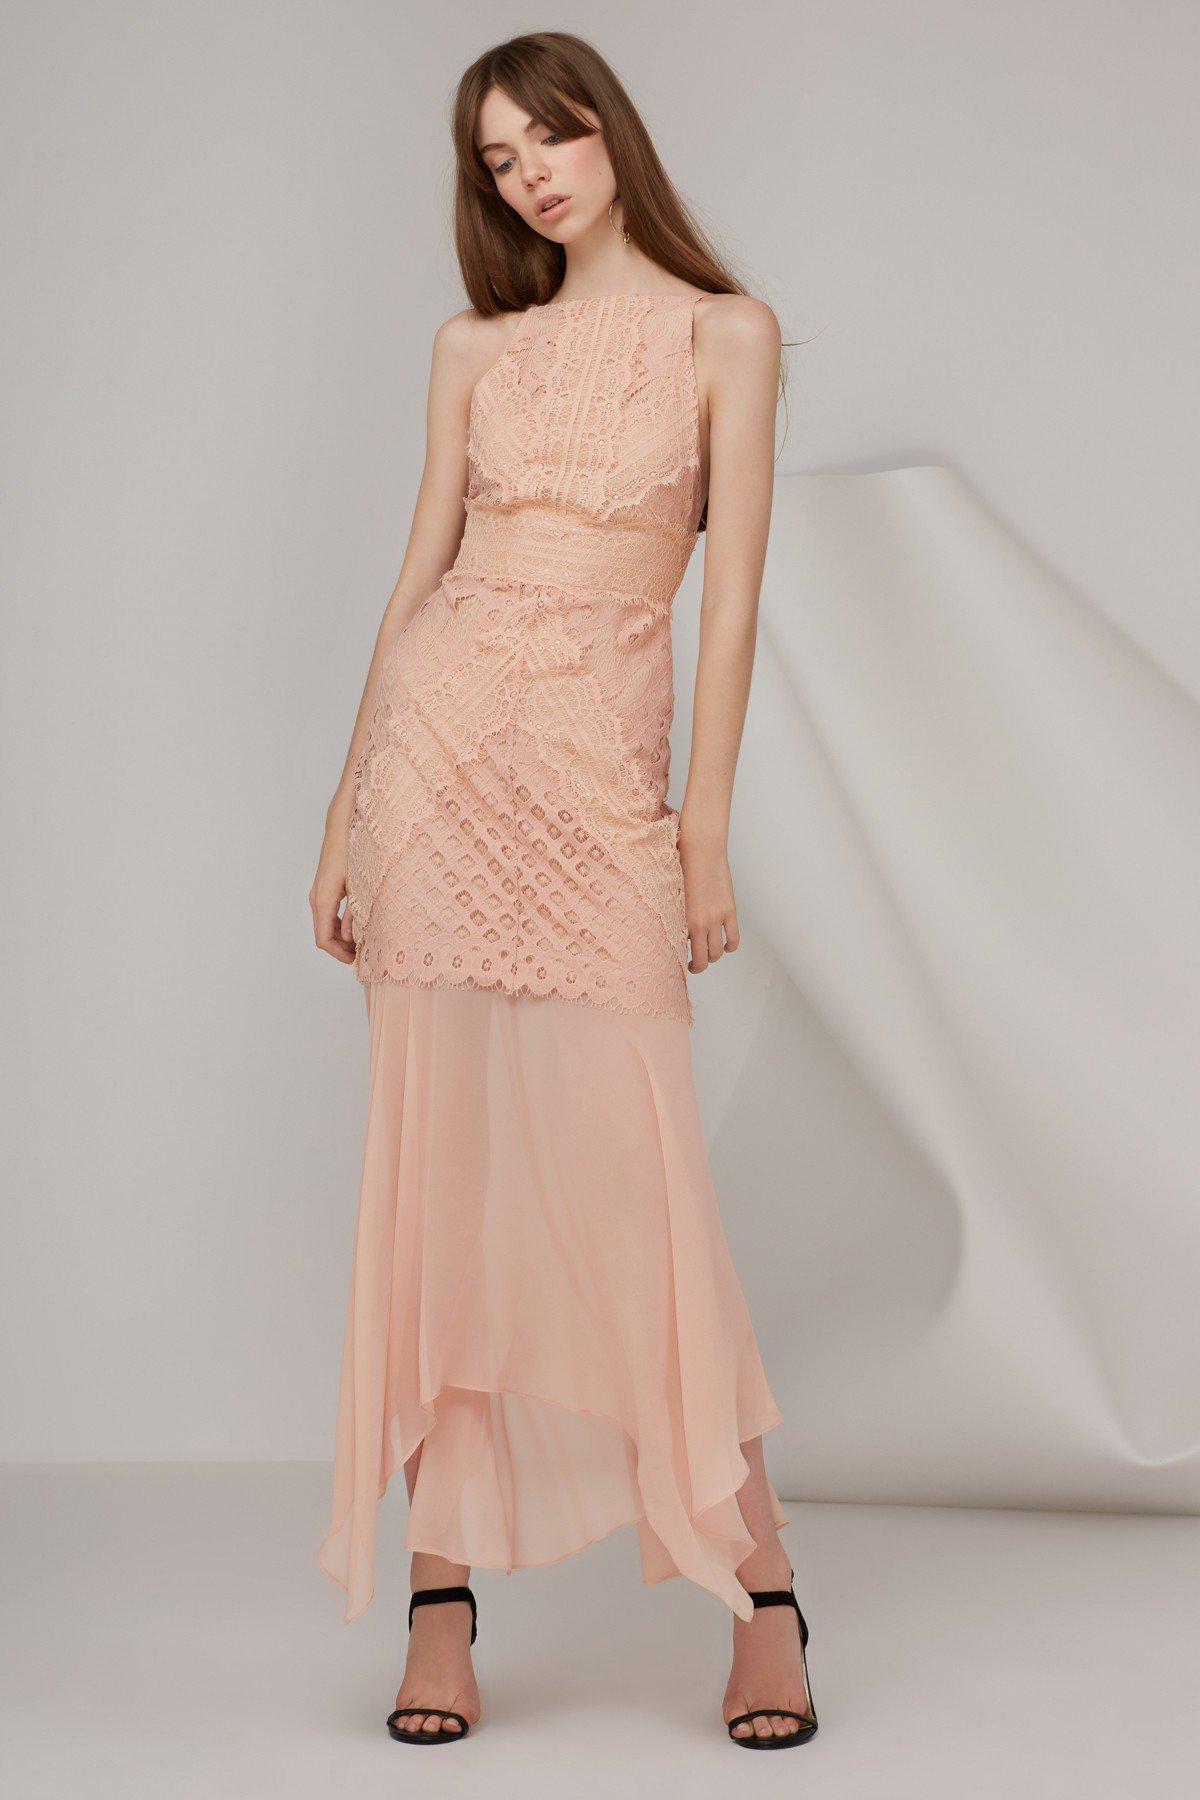 Shop Bridges Lace Gown.